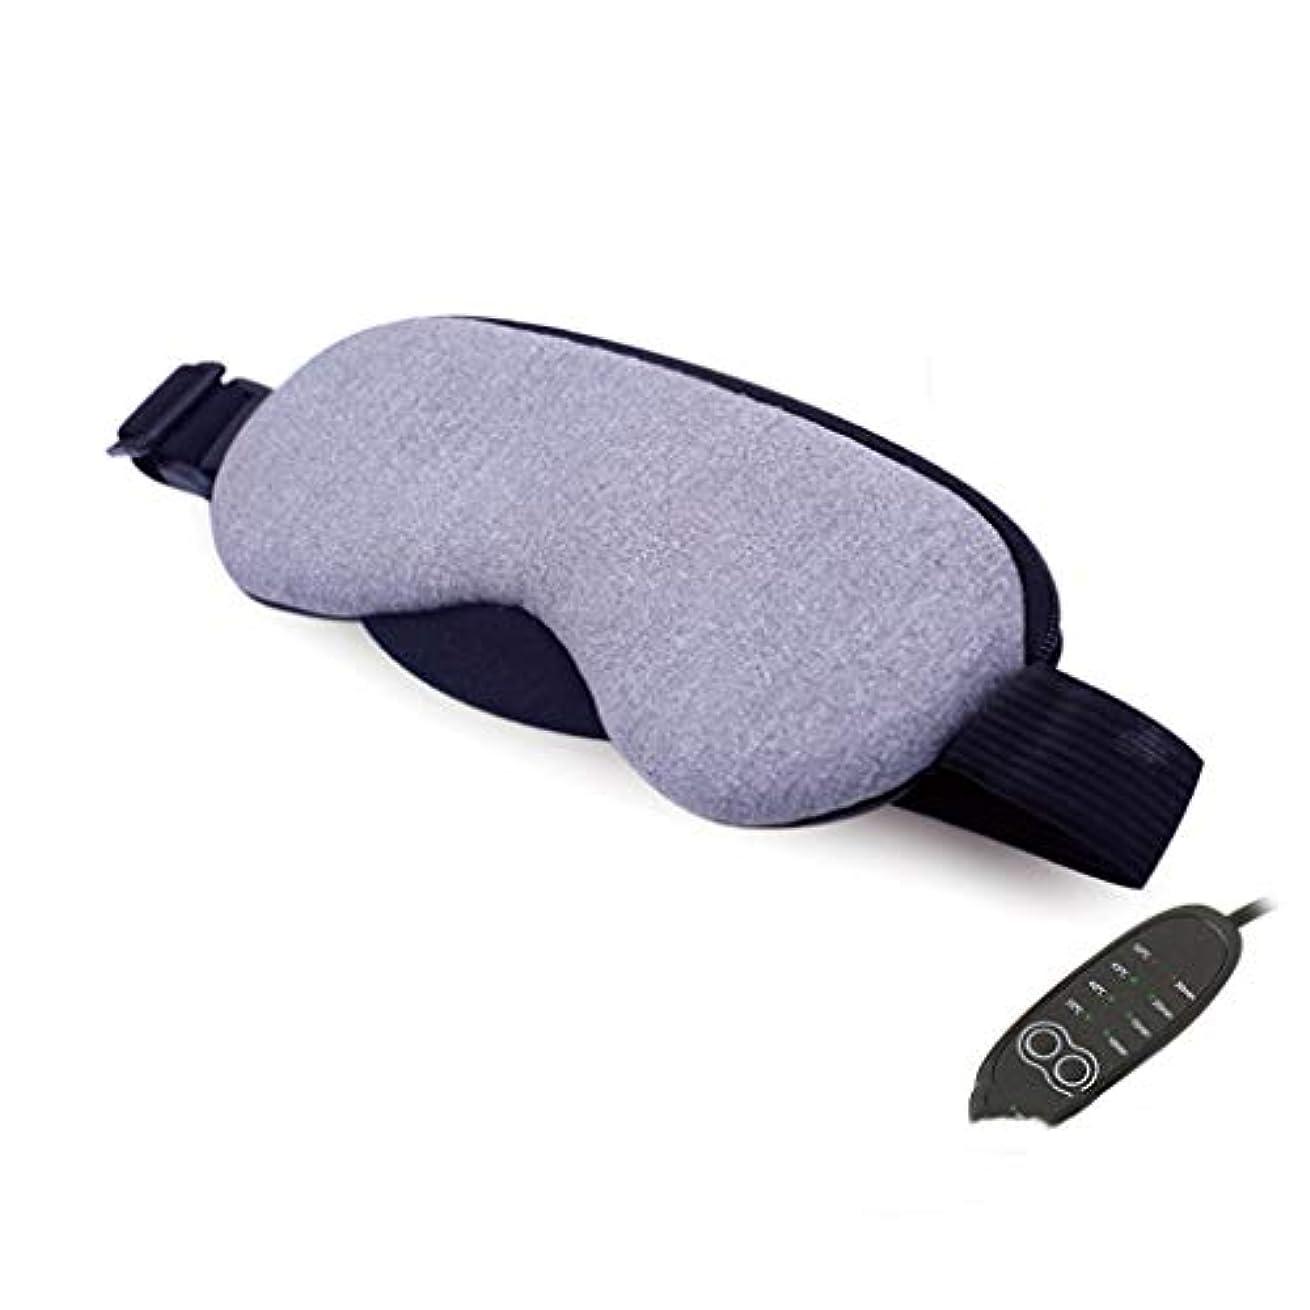 港確保する隠加熱アイマッサージ - コットンアイマスク、暖かい夜のマッサージマスク、電気USB暖房パッド、調節可能な温度調節、眼瞼炎を和らげるように設計された、乾燥、ストレスのある、腫れぼったい目